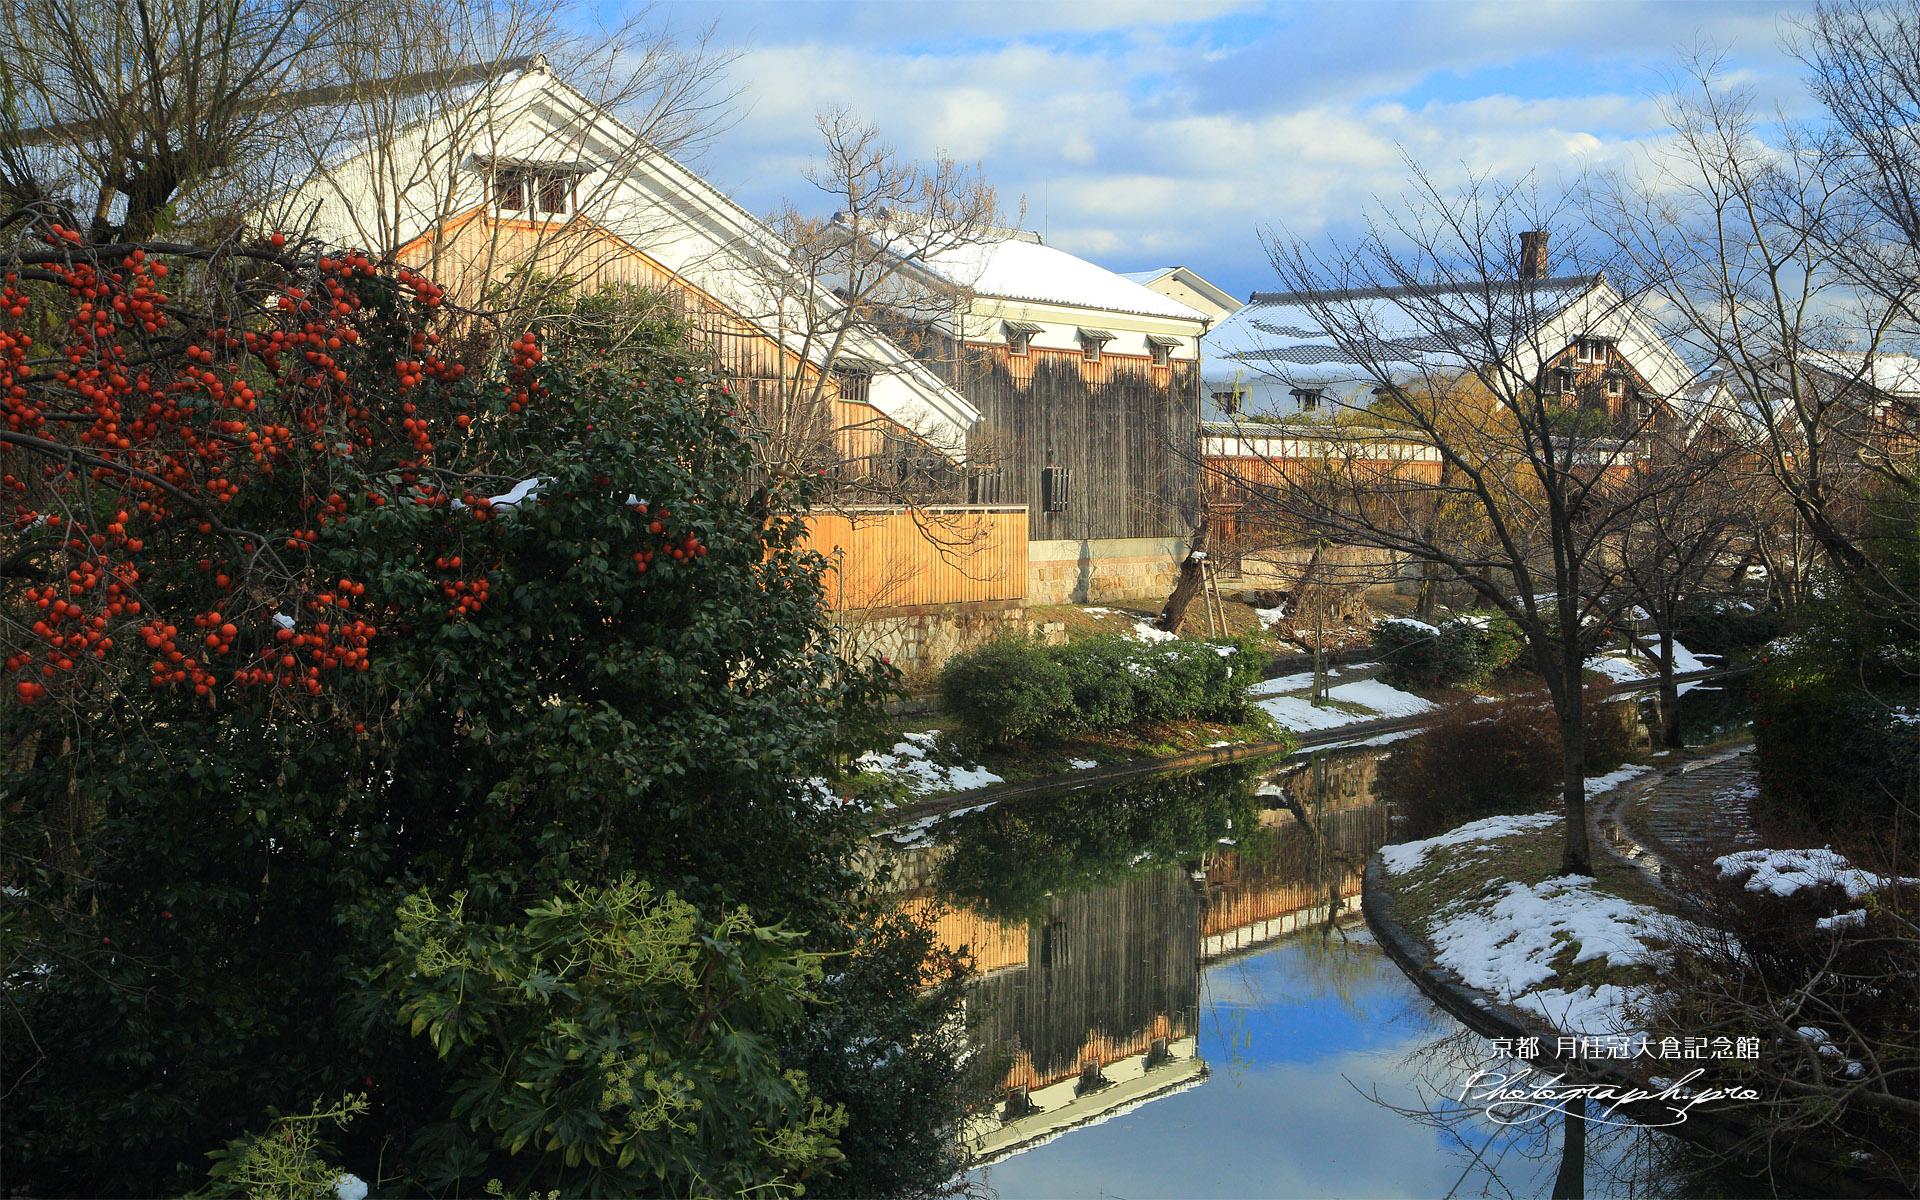 月桂冠大倉記念館 柿と斑雪の濠川酒蔵風景